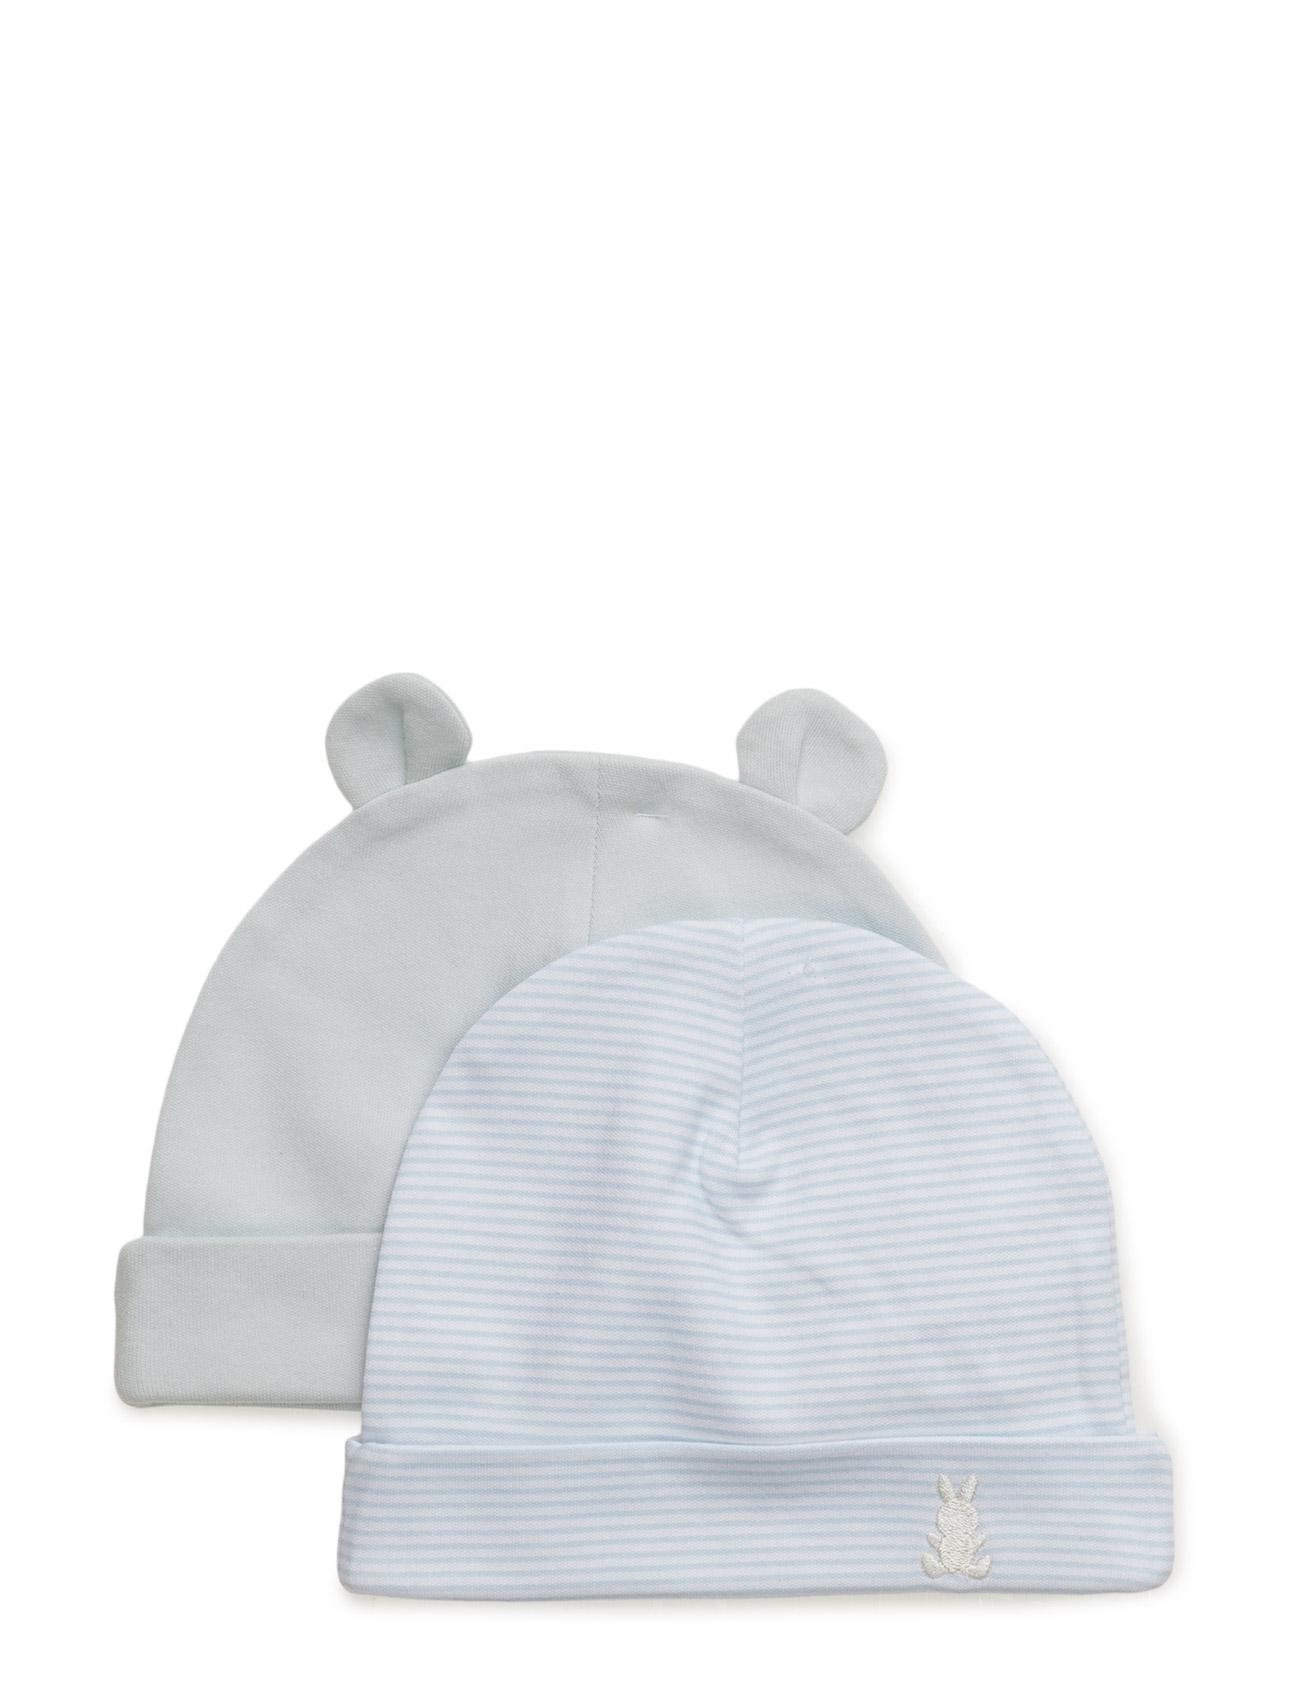 Set 2 Hat United Colors of Benetton Hatte & Caps til Børn i